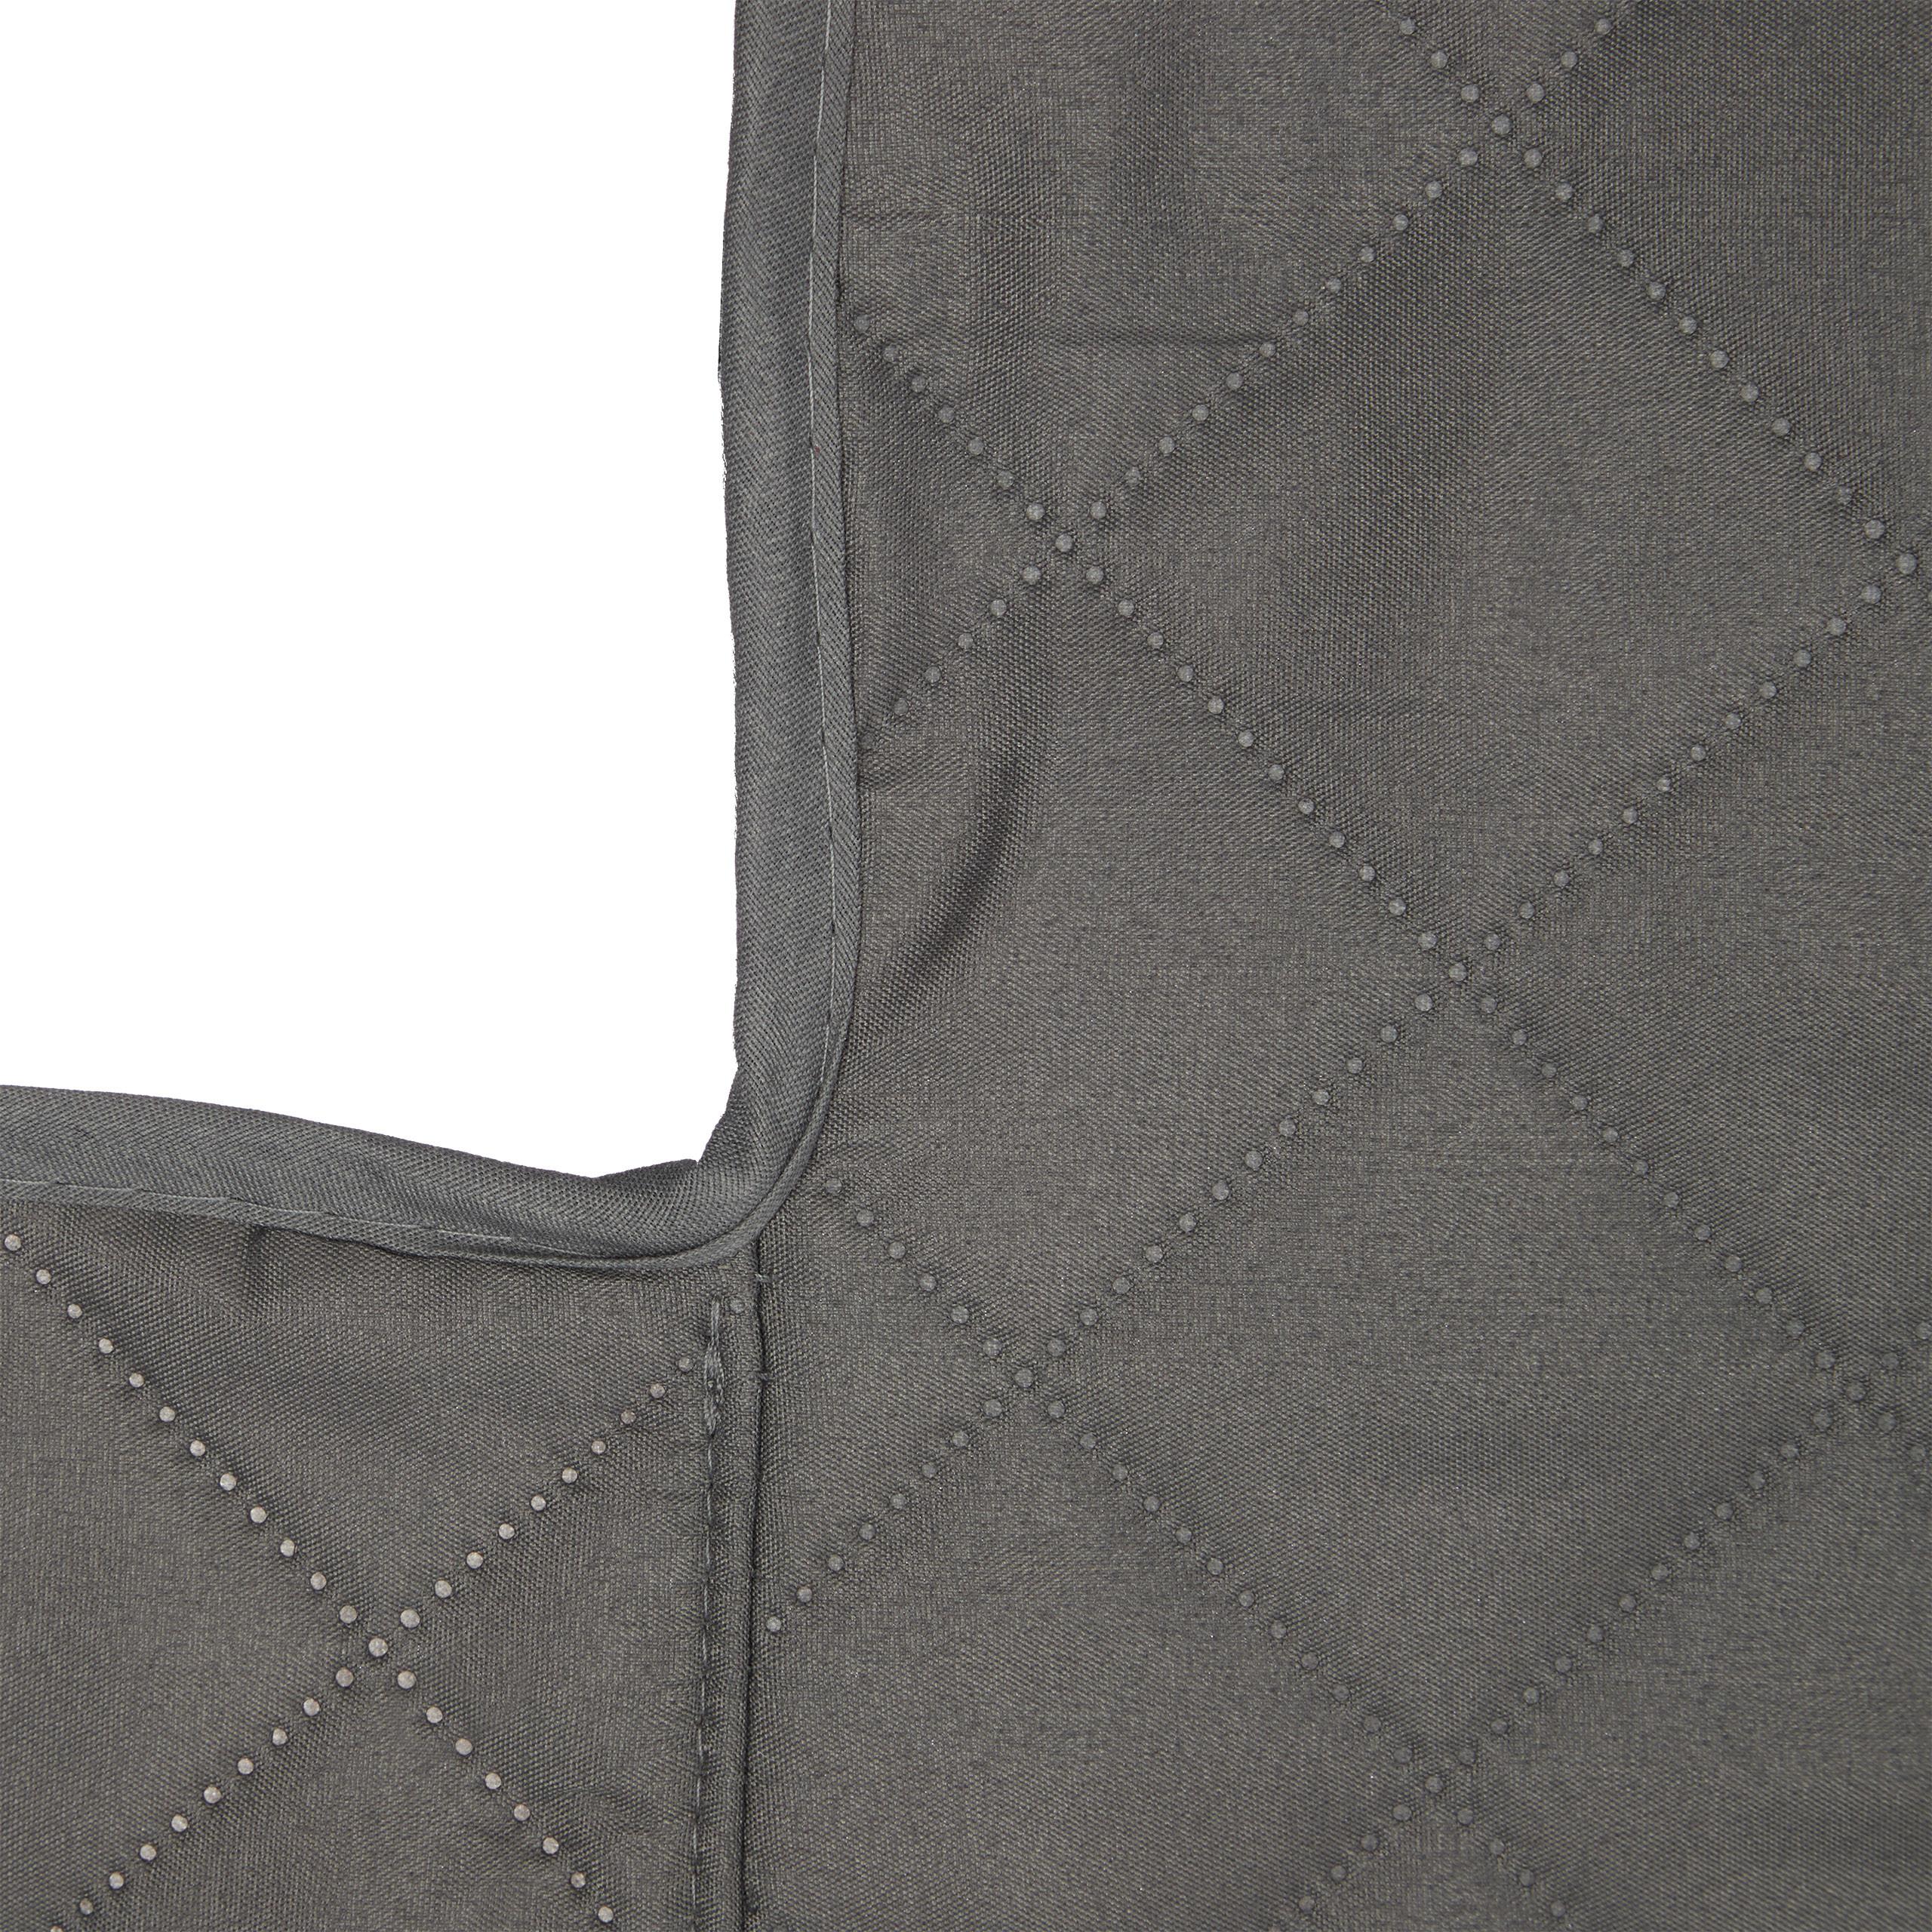 Sofaschoner Couchüberwurf Schonbezug Sesselschoner Überwurf Sofaüberwurf Grau